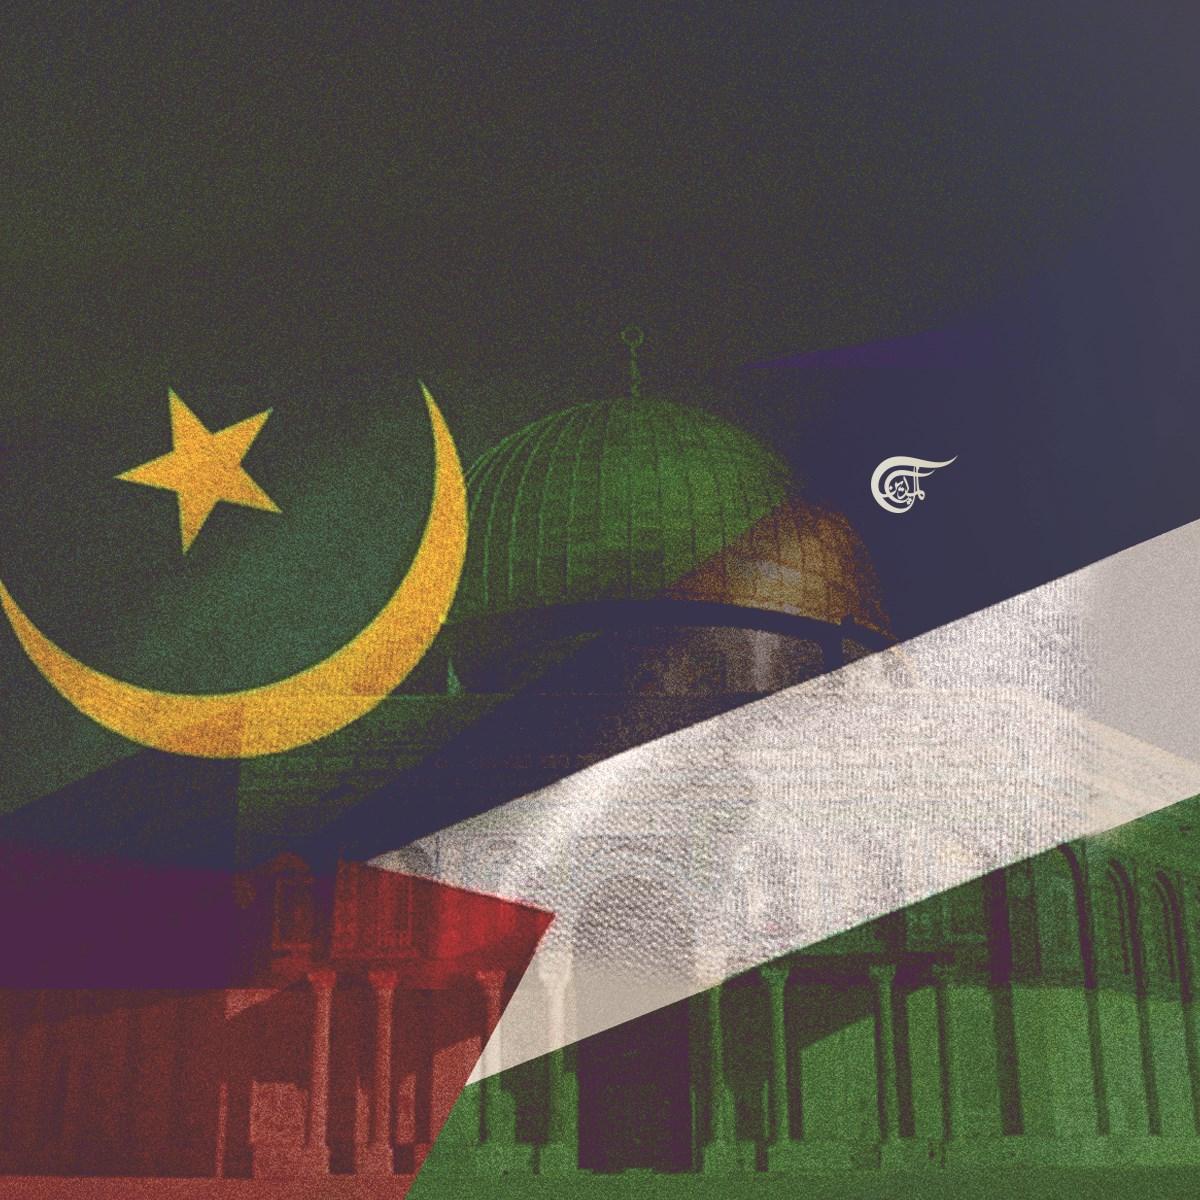 بين رفض التطبيع وتحريمه.. موريتانيا تقول كلمتها